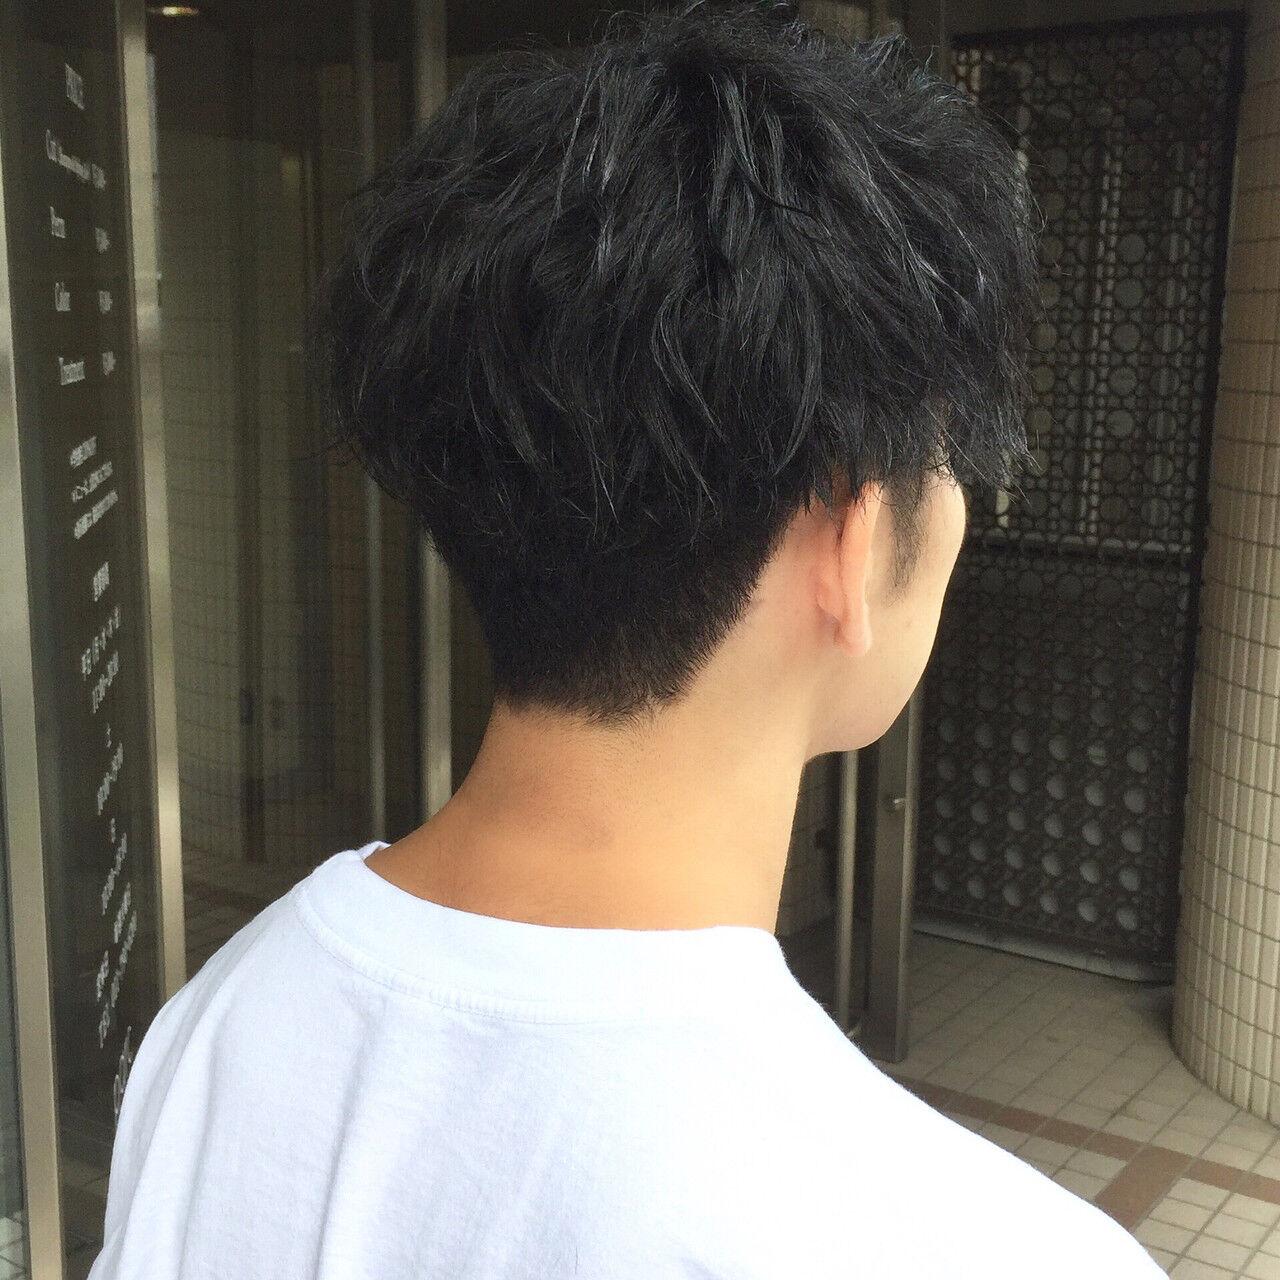 メンズ メンズショート ストリート ショートヘアスタイルや髪型の写真・画像